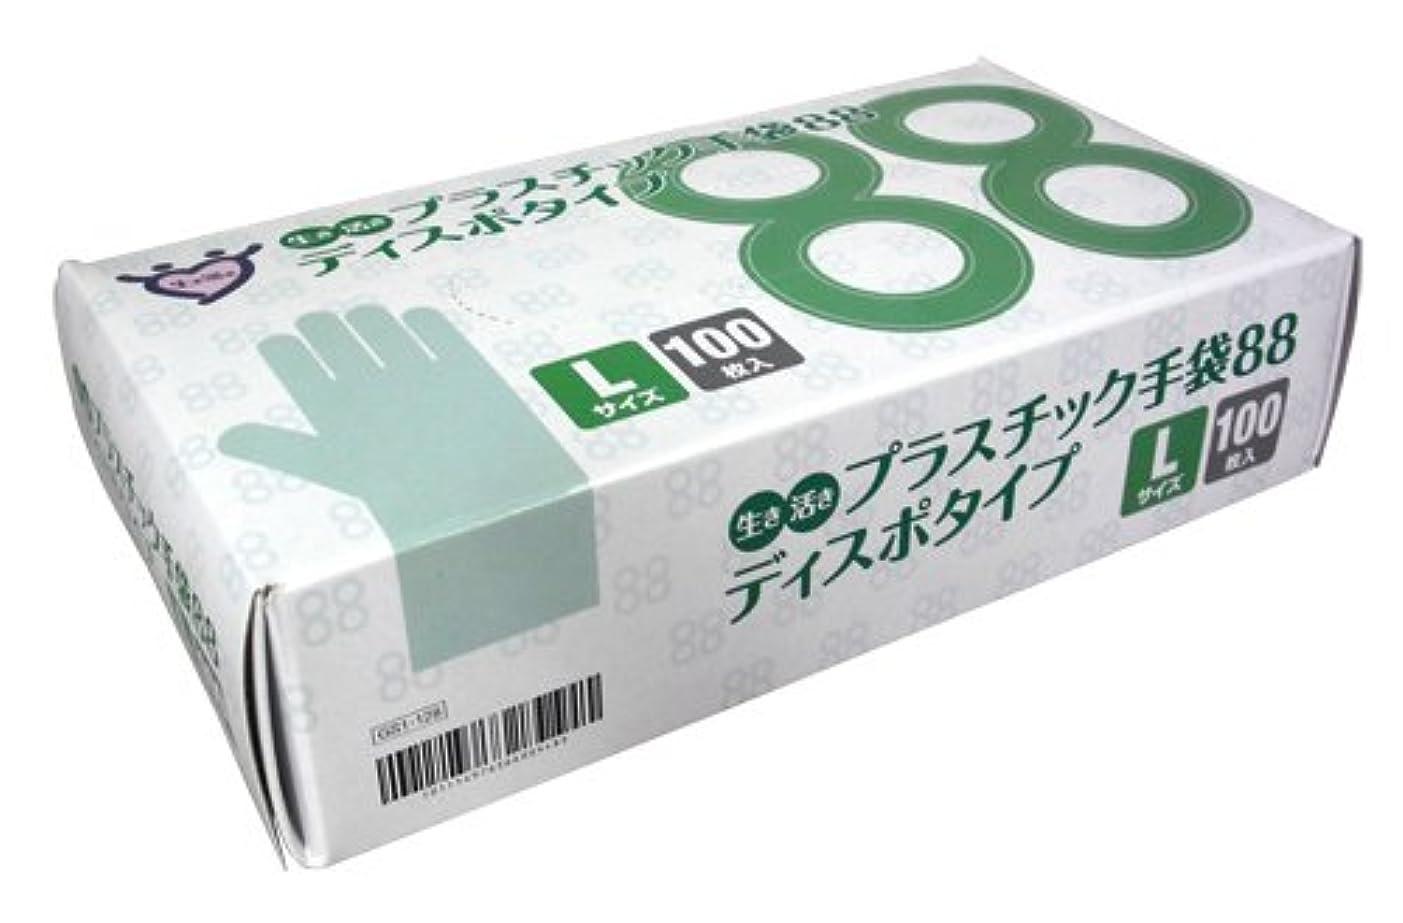 魔術簡潔な座る生き活きプラスチック手袋88 Lサイズ 100枚入 ×20箱(1ケース)